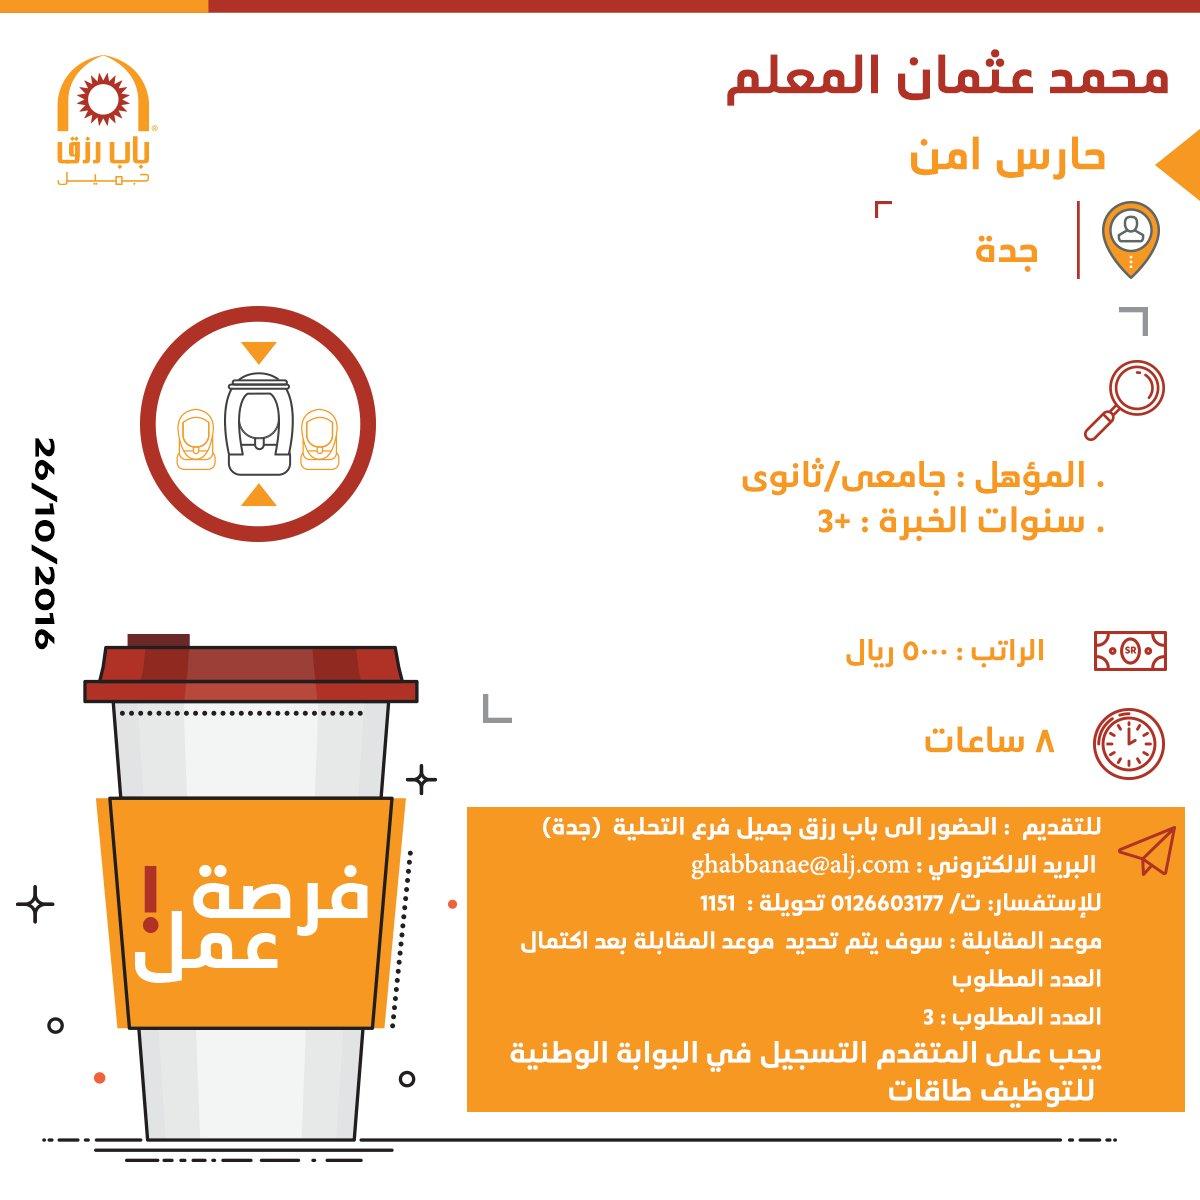 مطلوب حارس أمن لشركة محمد عثمان المعلم - جدة